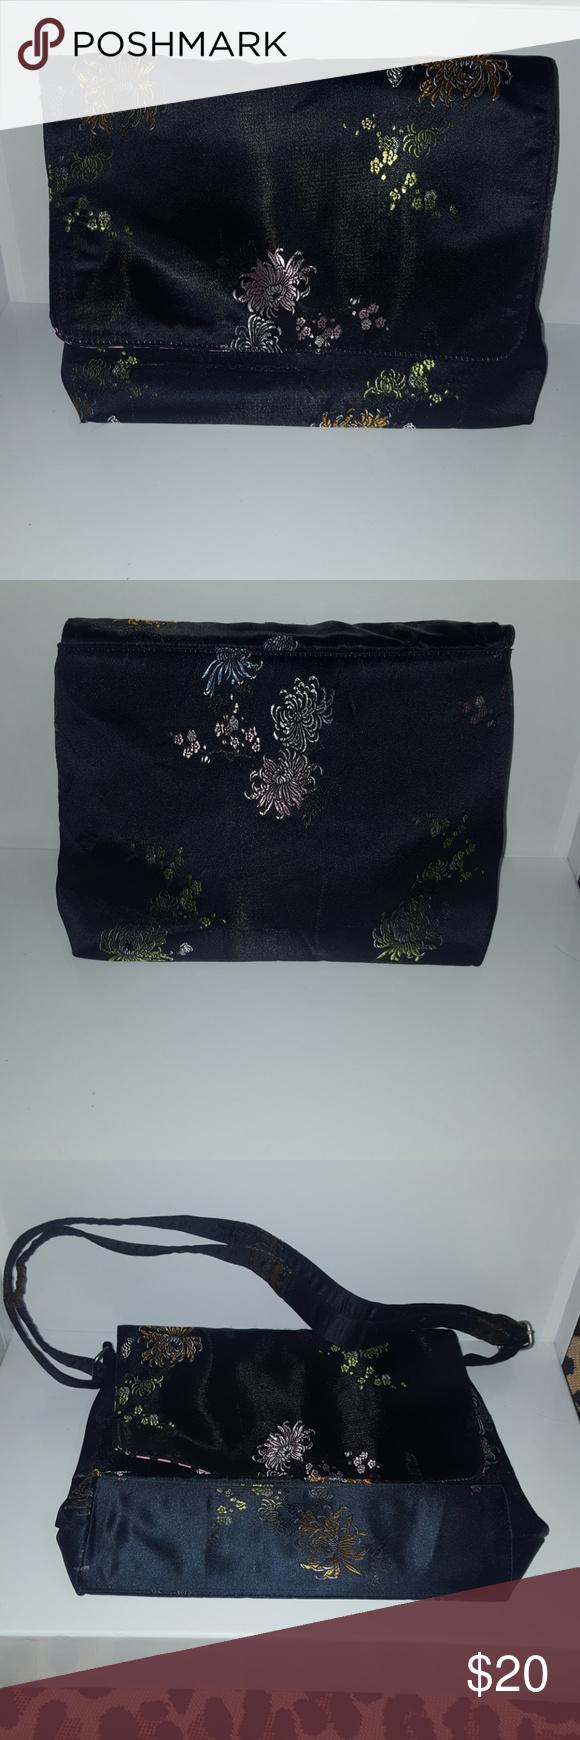 black silk purse Super cute black Chinese design silk purse Bags